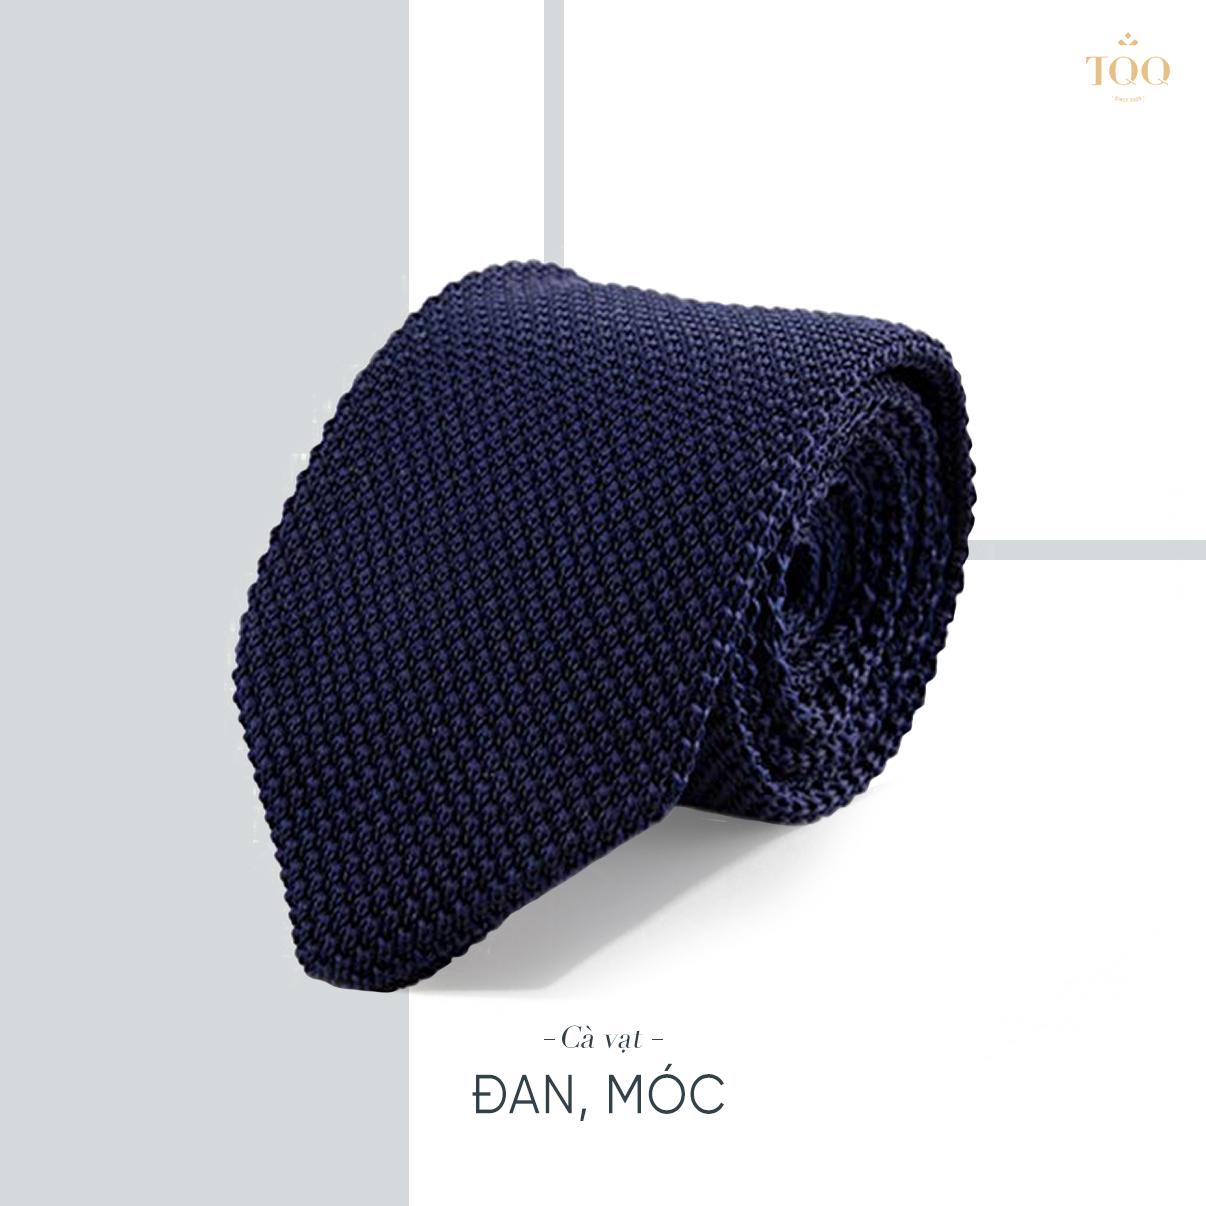 Kiểu cà vạt đan, móc mới lạ này sẽ phù hợp với các loại áo sơ mi trơn hoặc kẻ sọc dọc